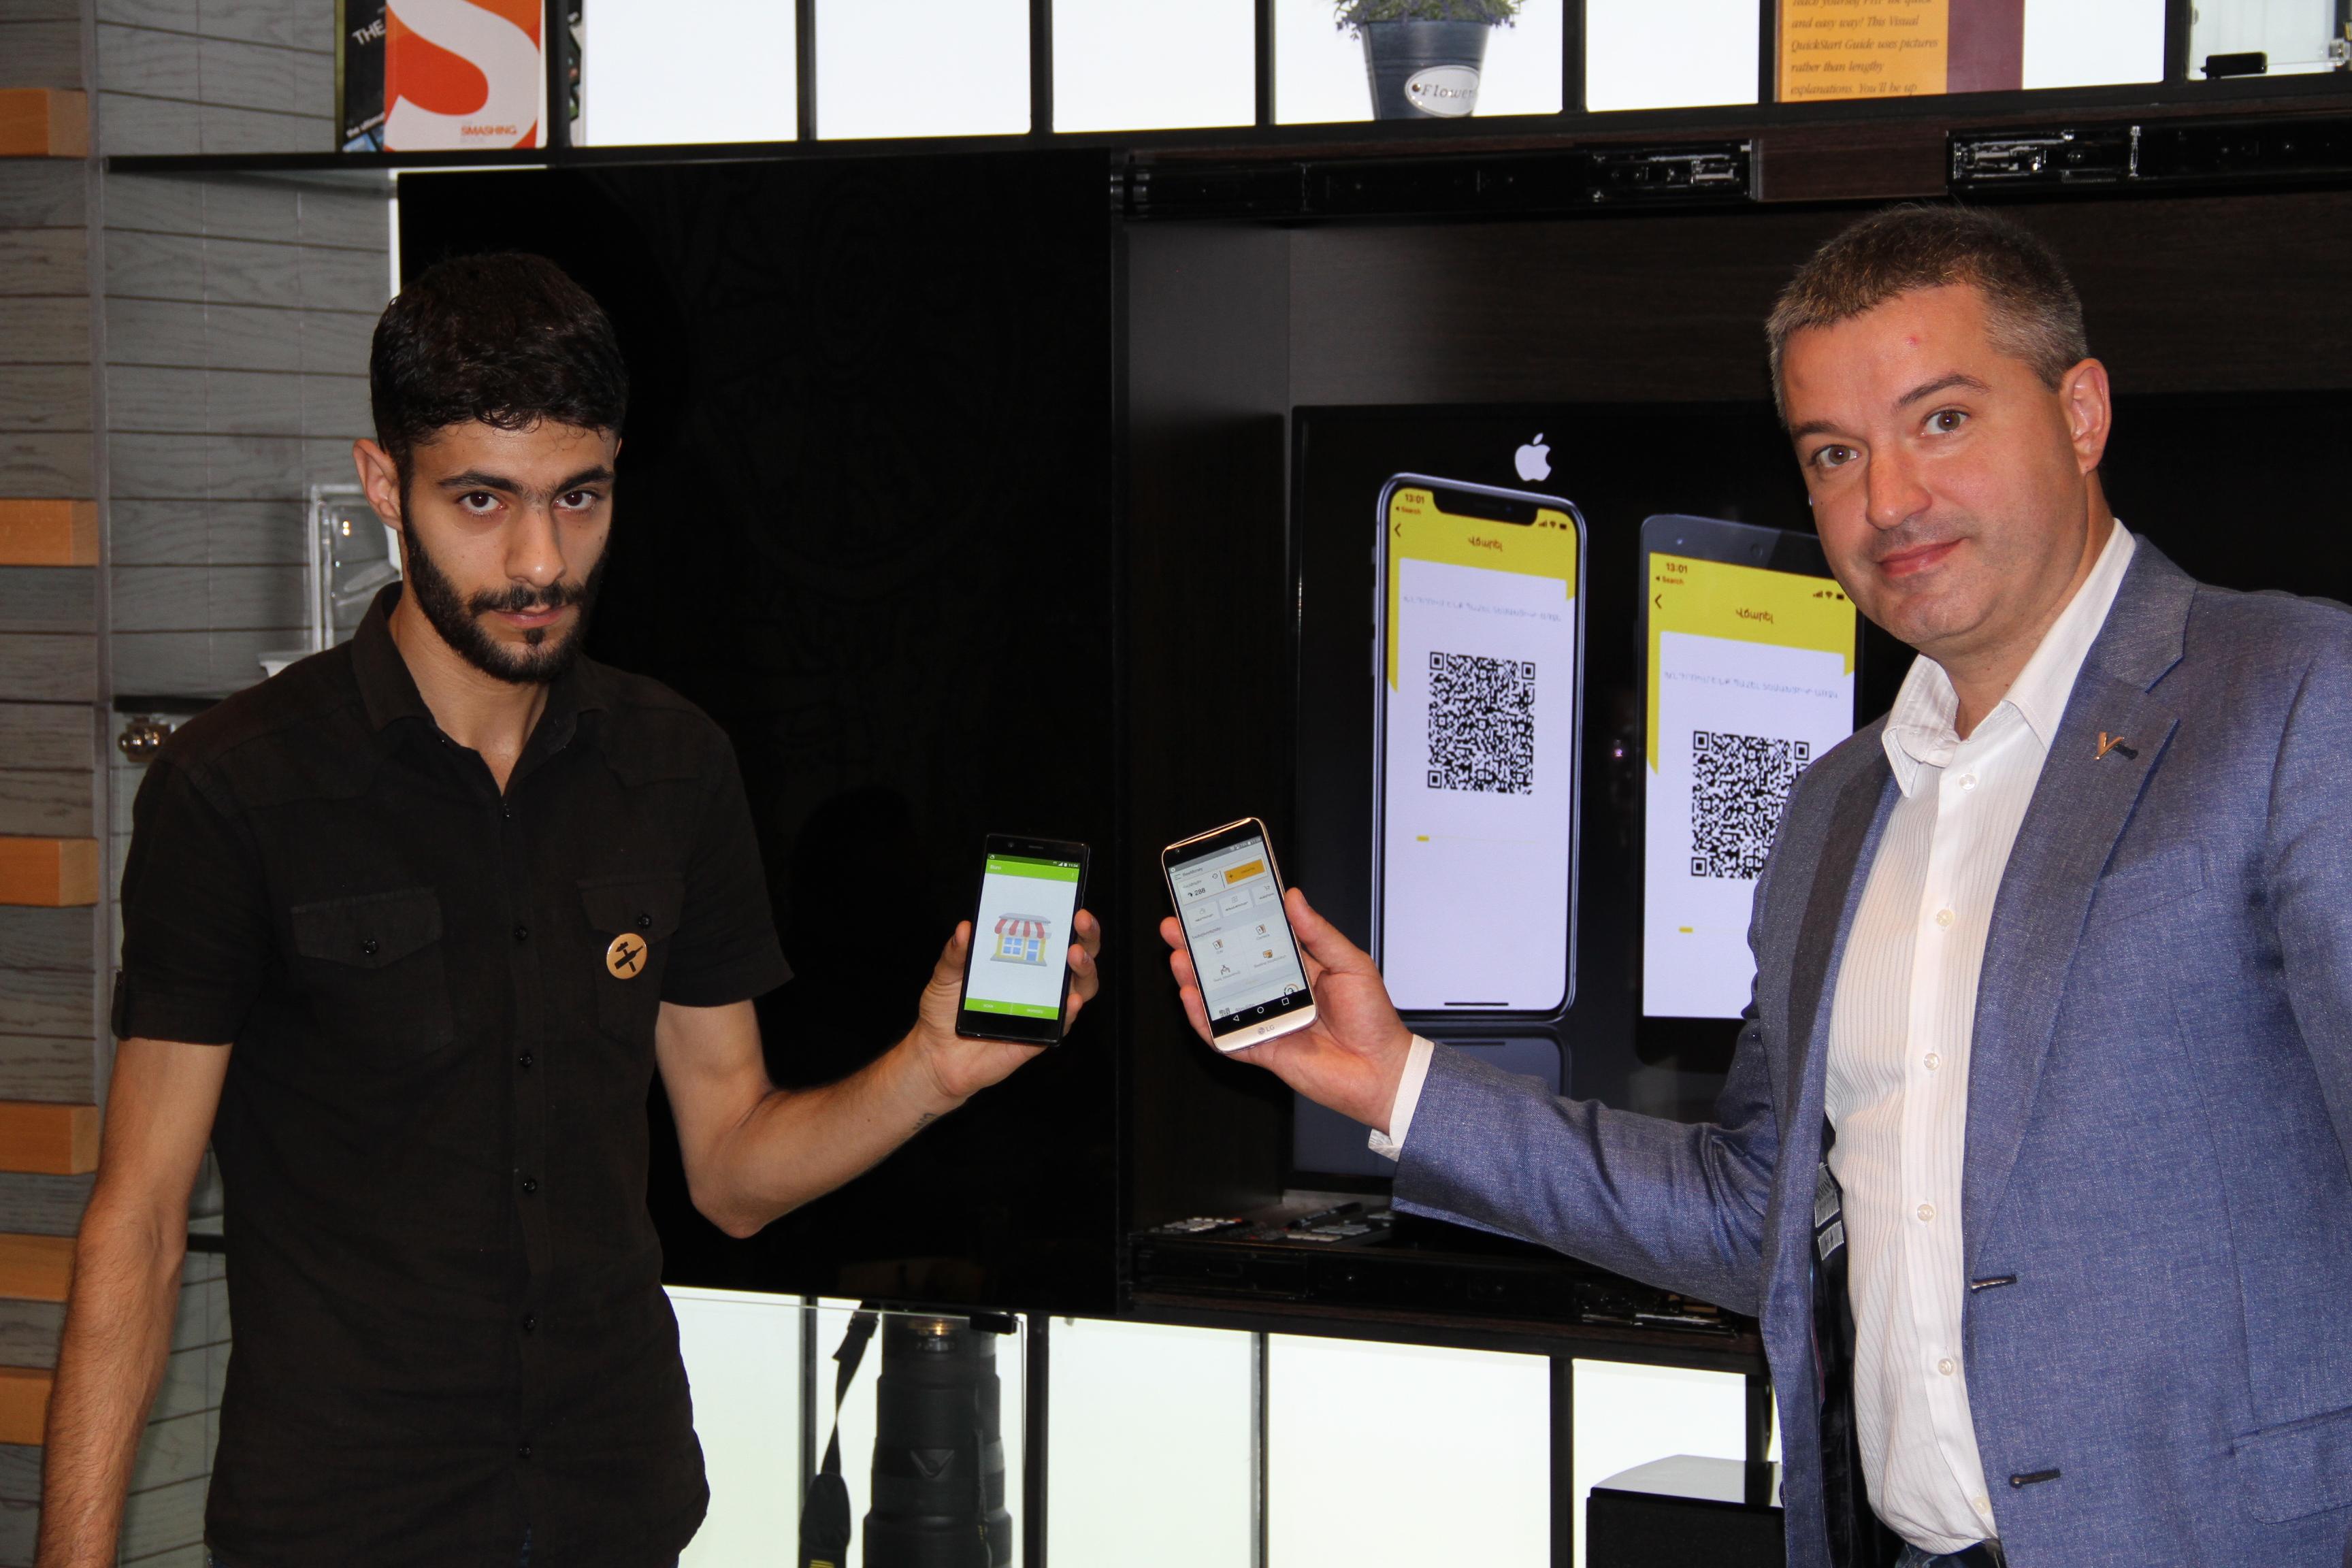 Beeline-ի BeeMoney էլեկտրոնային դրամապանակով կարելի է վճարել նույնիսկ առավոտյան սուրճի համար